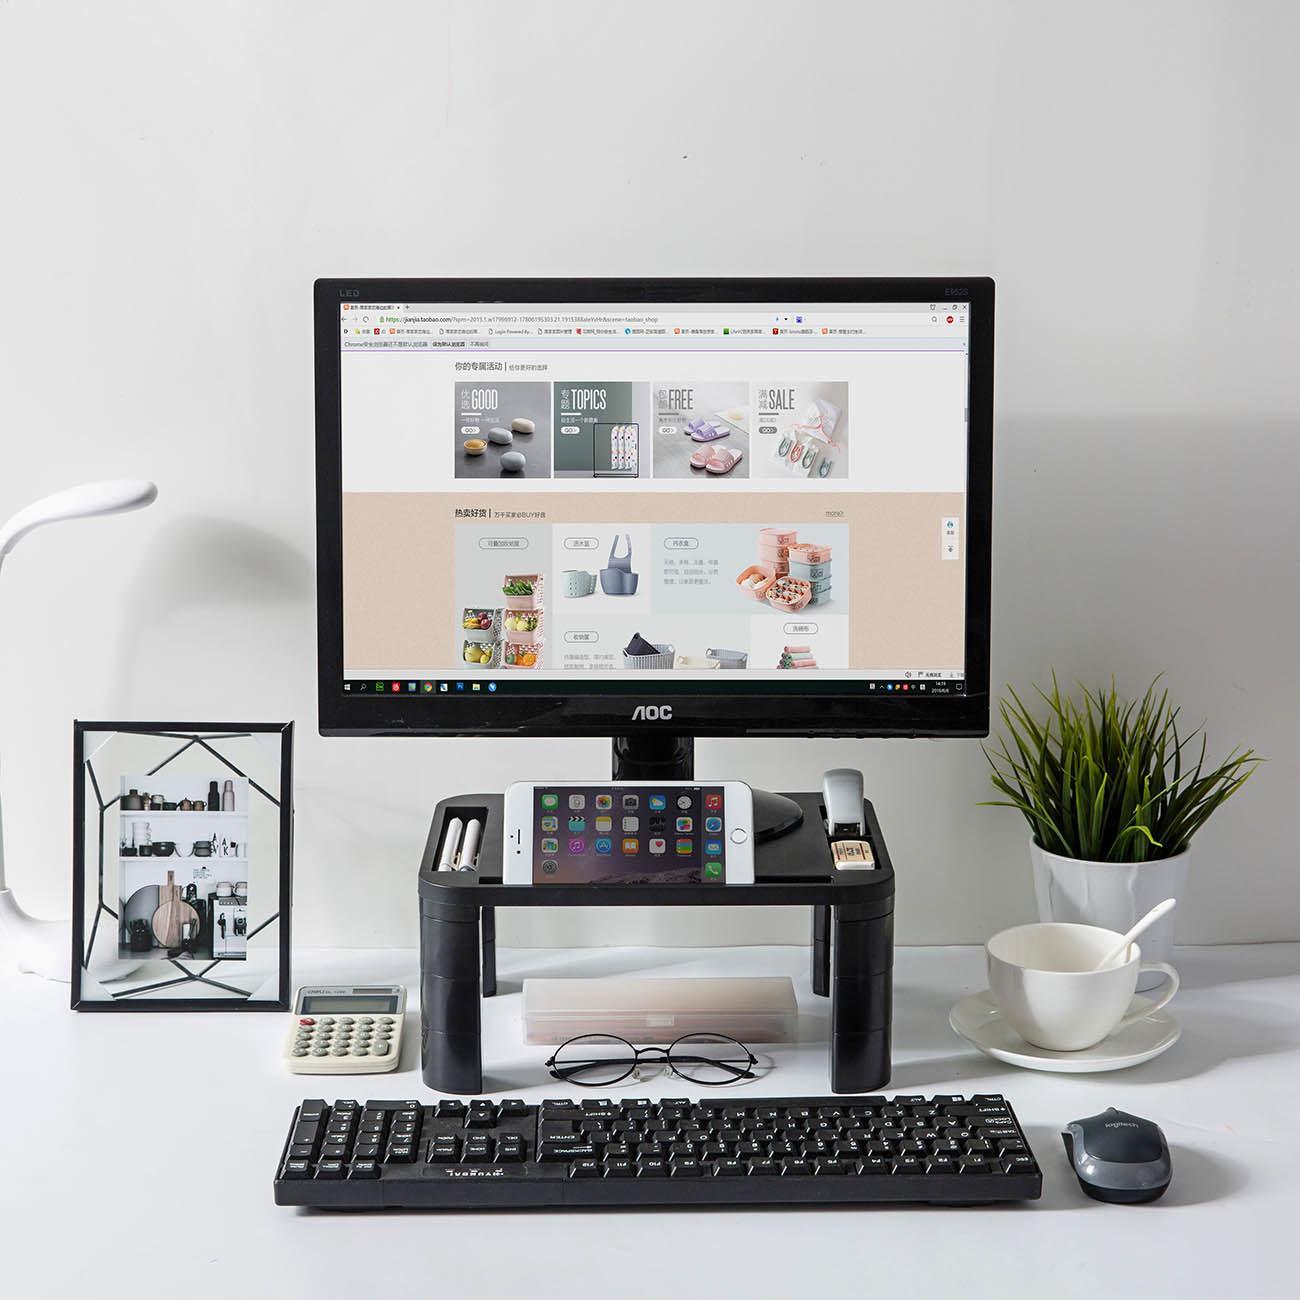 1 шт. регулируемый домашний офис настольный монитор стенд Самостоятельная сборка ЖК-телевизор ноутбук стойки компьютерный экран стояк полка T200320